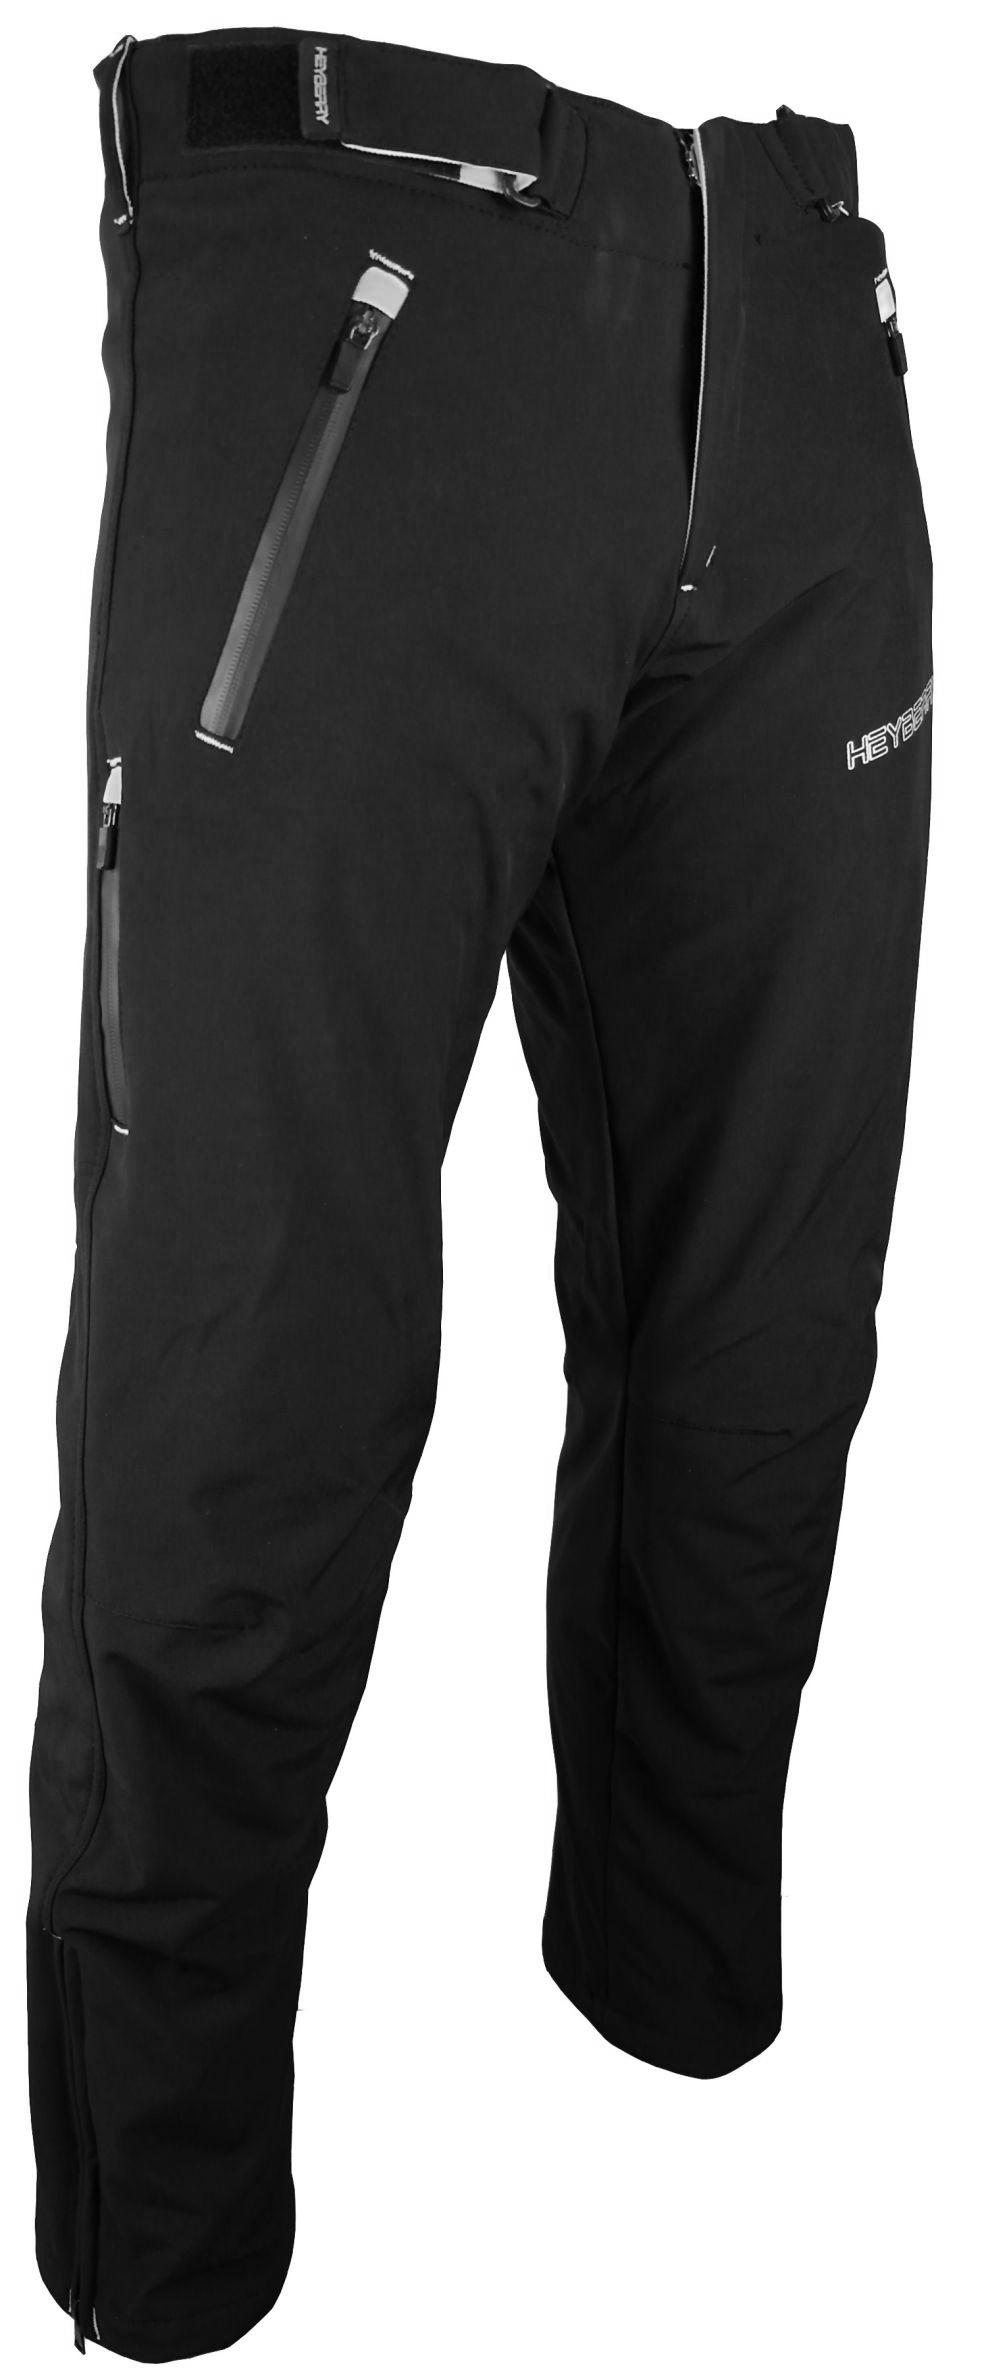 Heyberry Soft Shell Motorradhose Textil Schwarz / Weiß  M L XL XXL 3XL